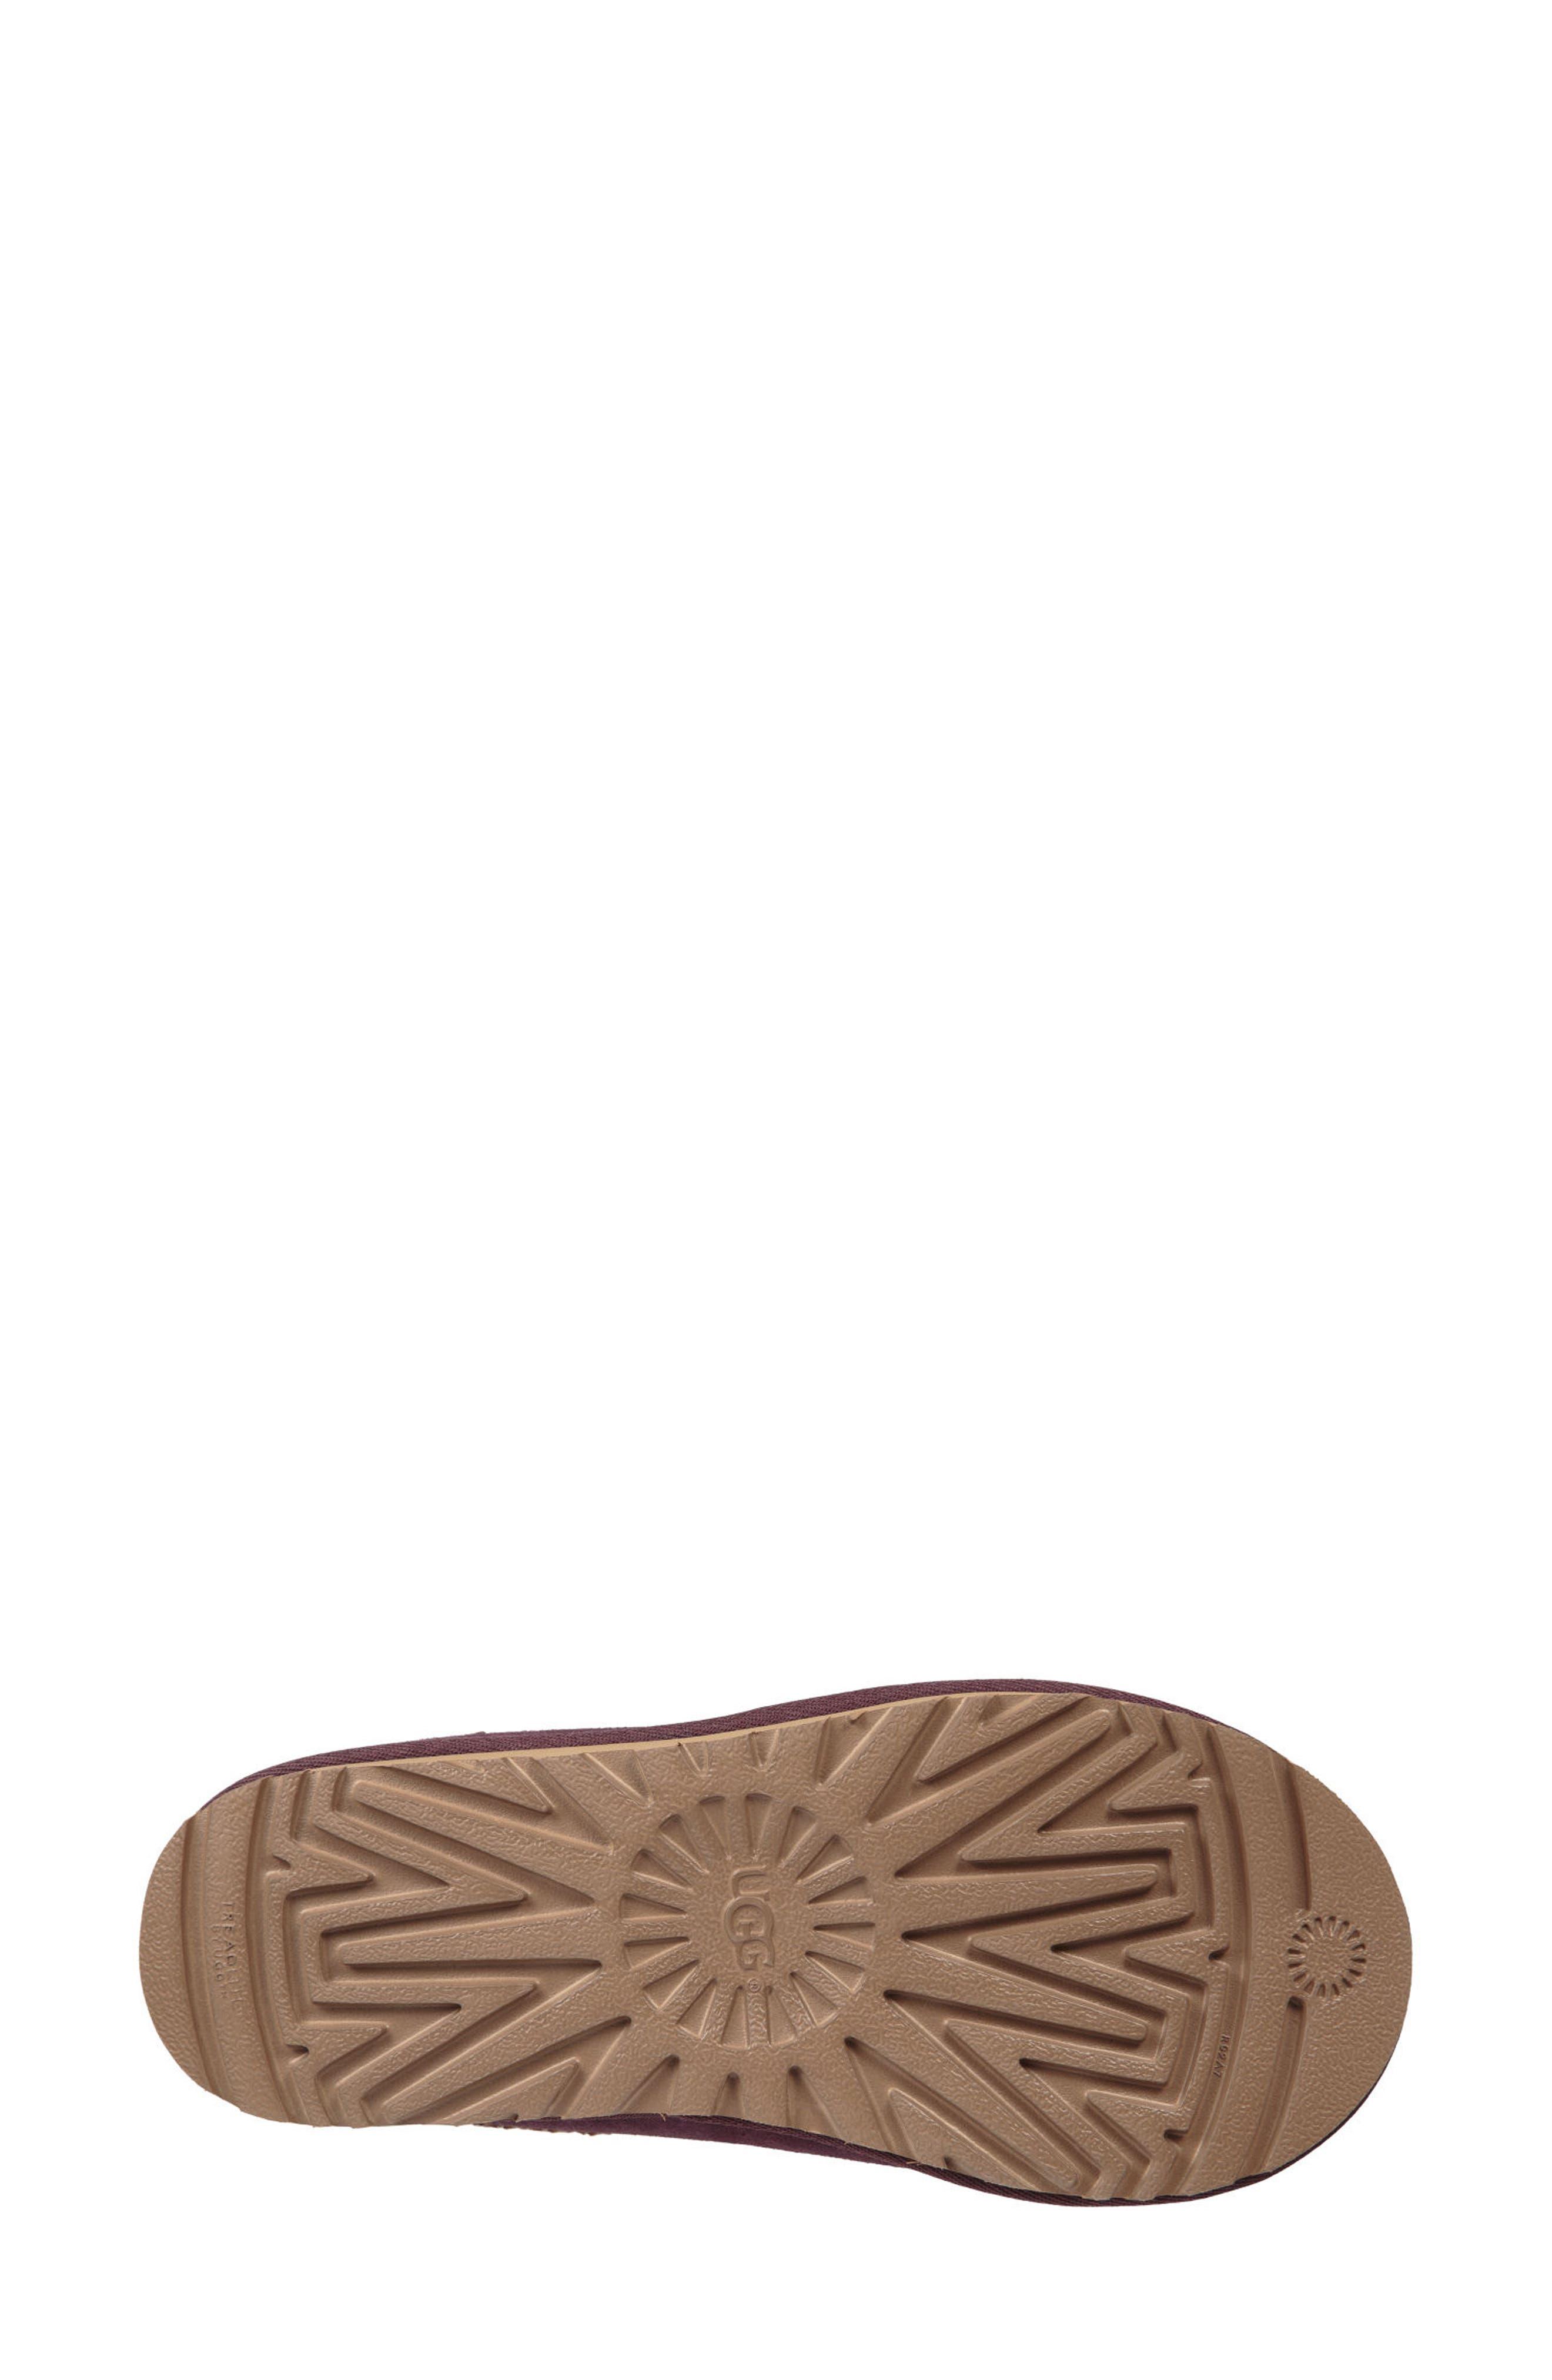 'Tasman' Slipper,                             Alternate thumbnail 3, color,                             Port Leather